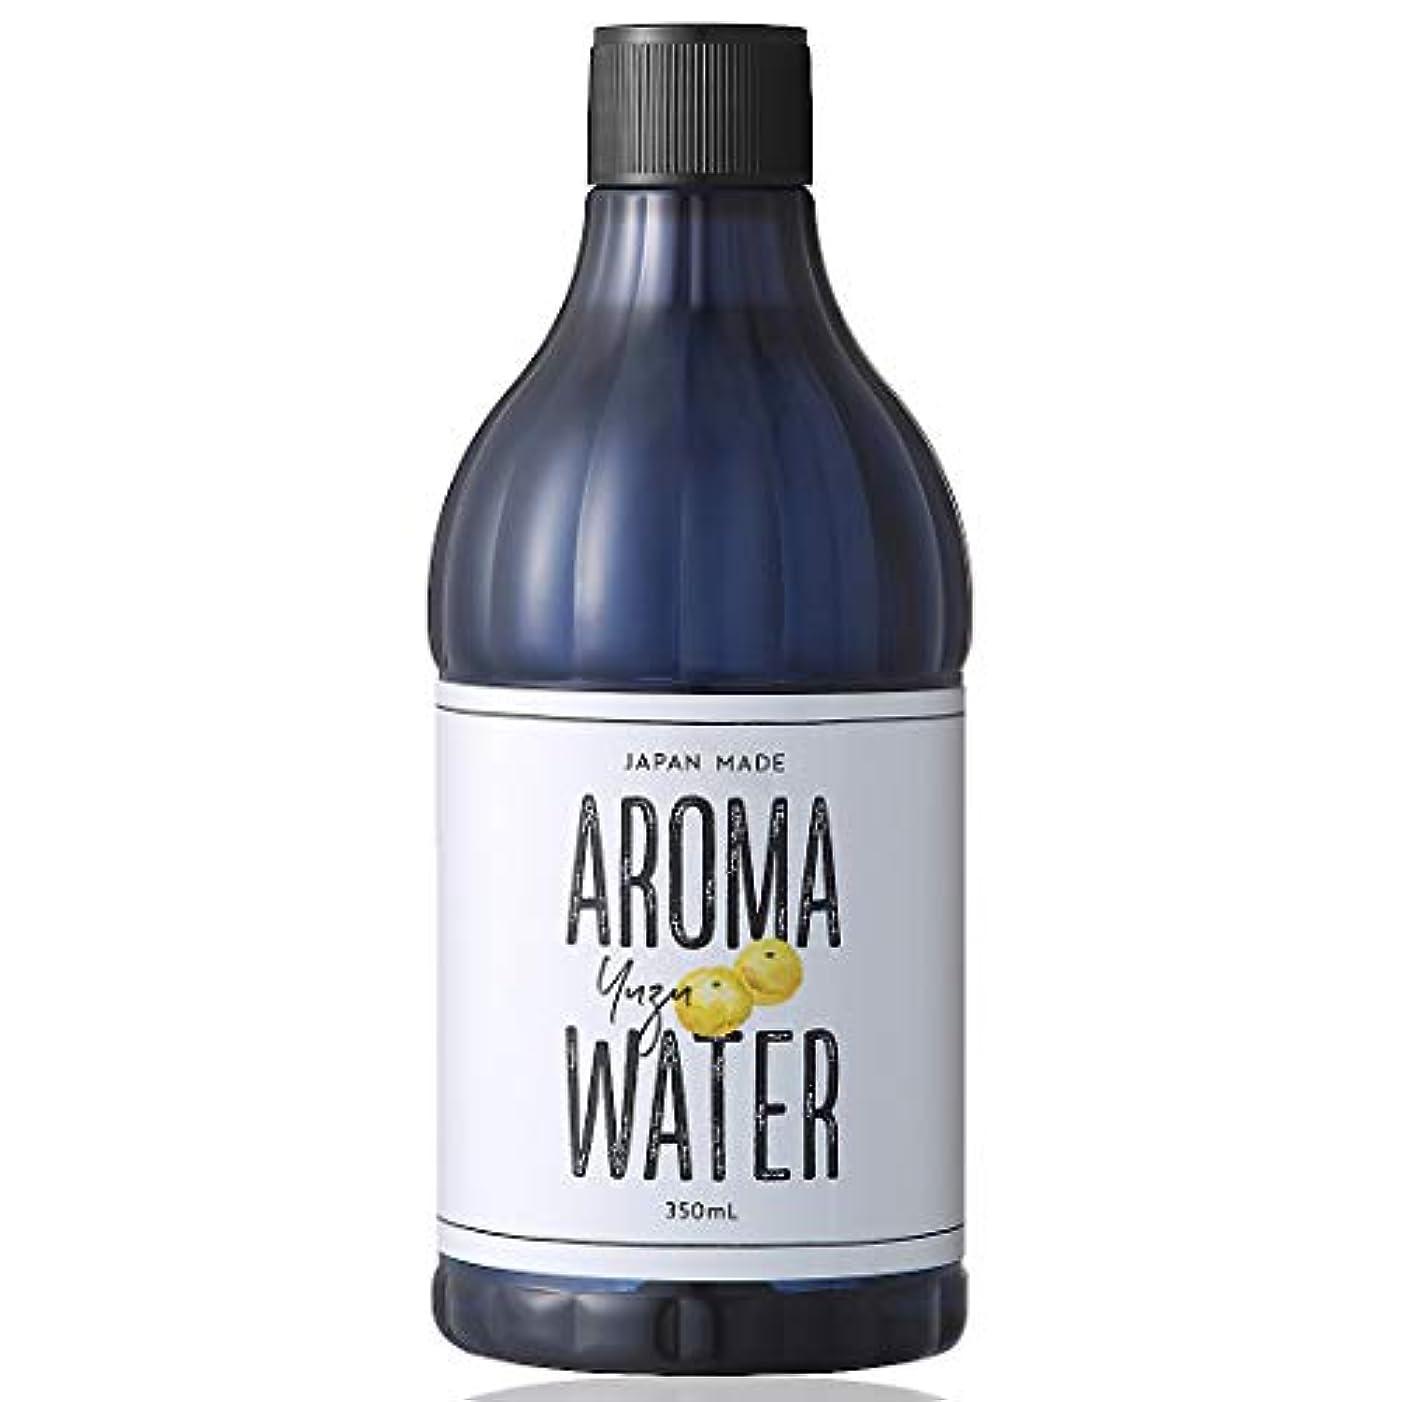 塩辛いマーガレットミッチェルクランプデイリーアロマジャパン アロマウォーター 加湿器用 350ml 日本製 アロマ水 精油 配合 水溶性 アロマ - ユズ